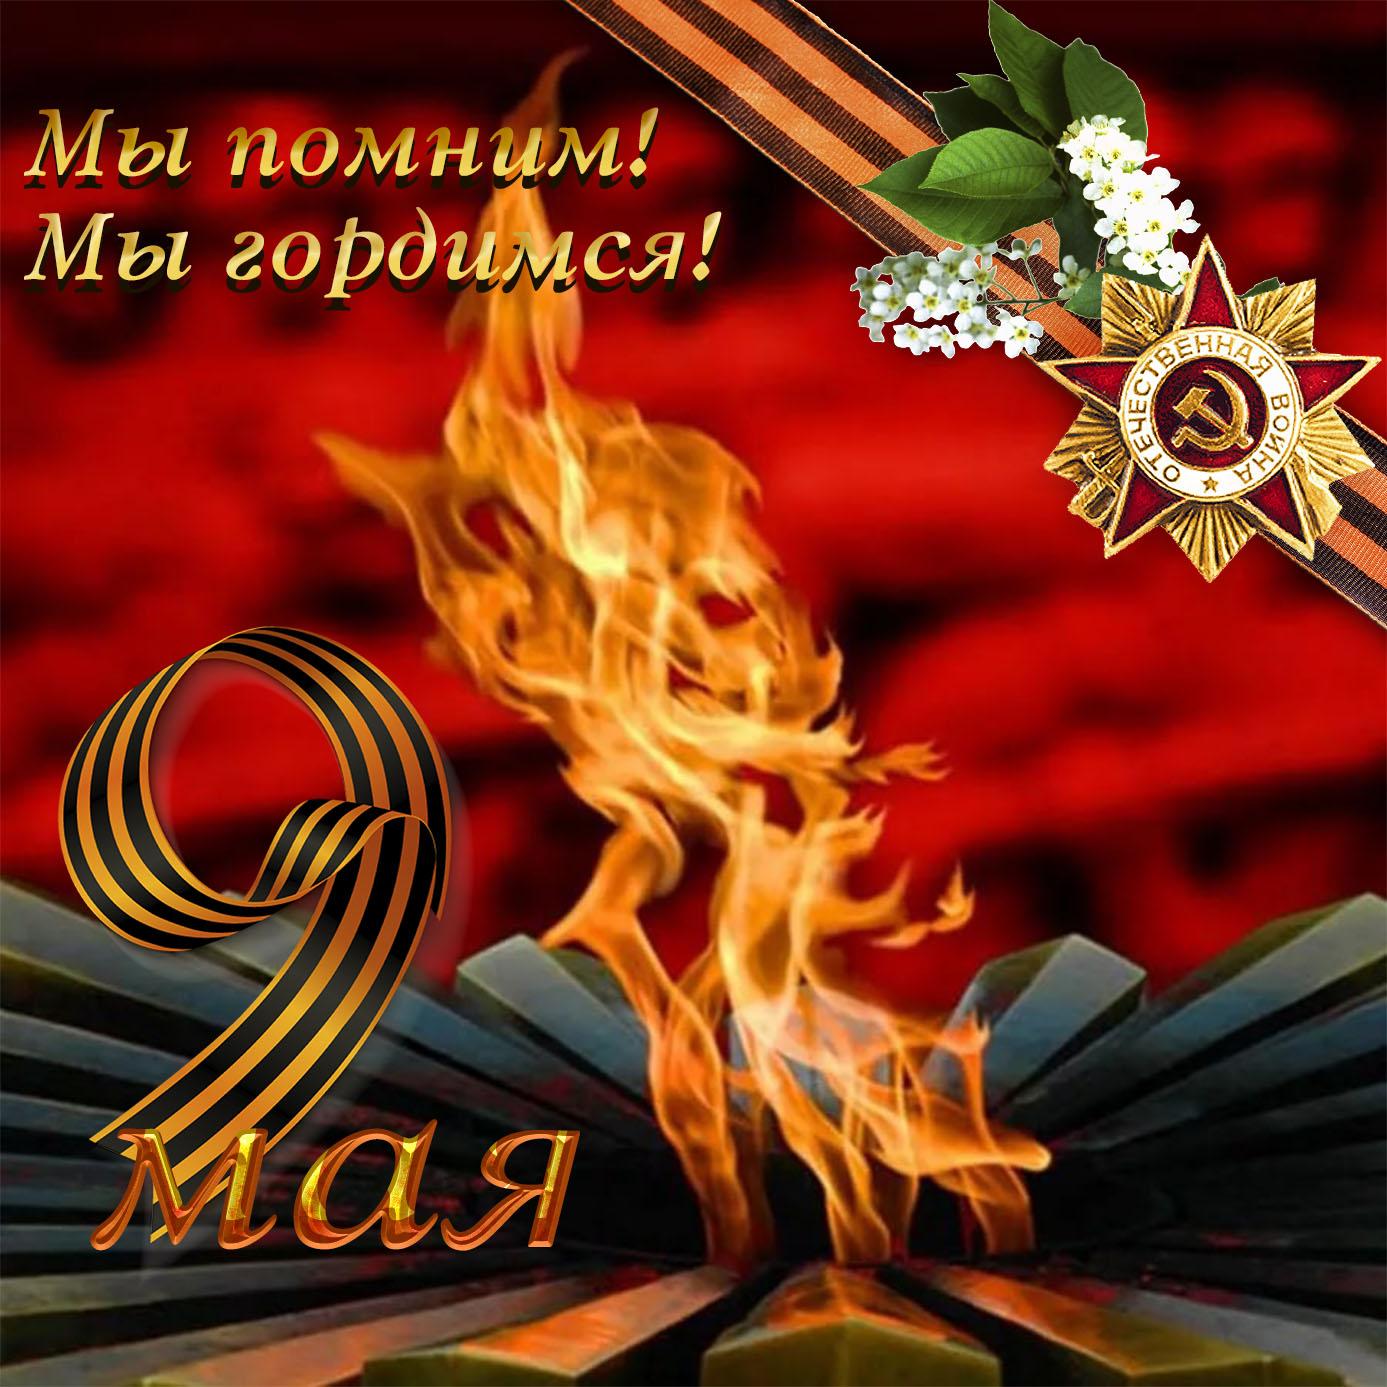 Картинка с вечным огнём и орденом на 9 мая